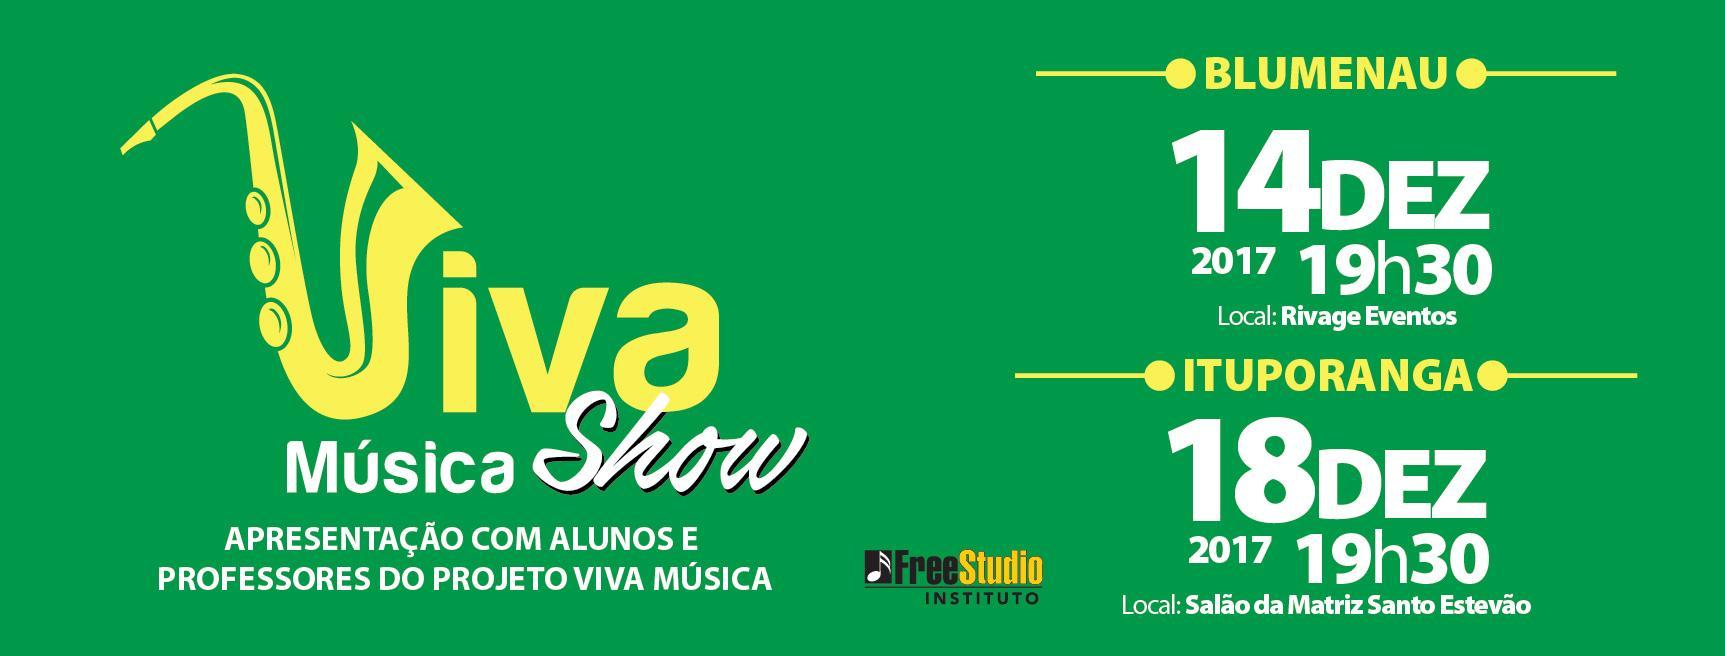 Projeto Viva Música terá apresentação final nesta segunda-feira em Ituporanga